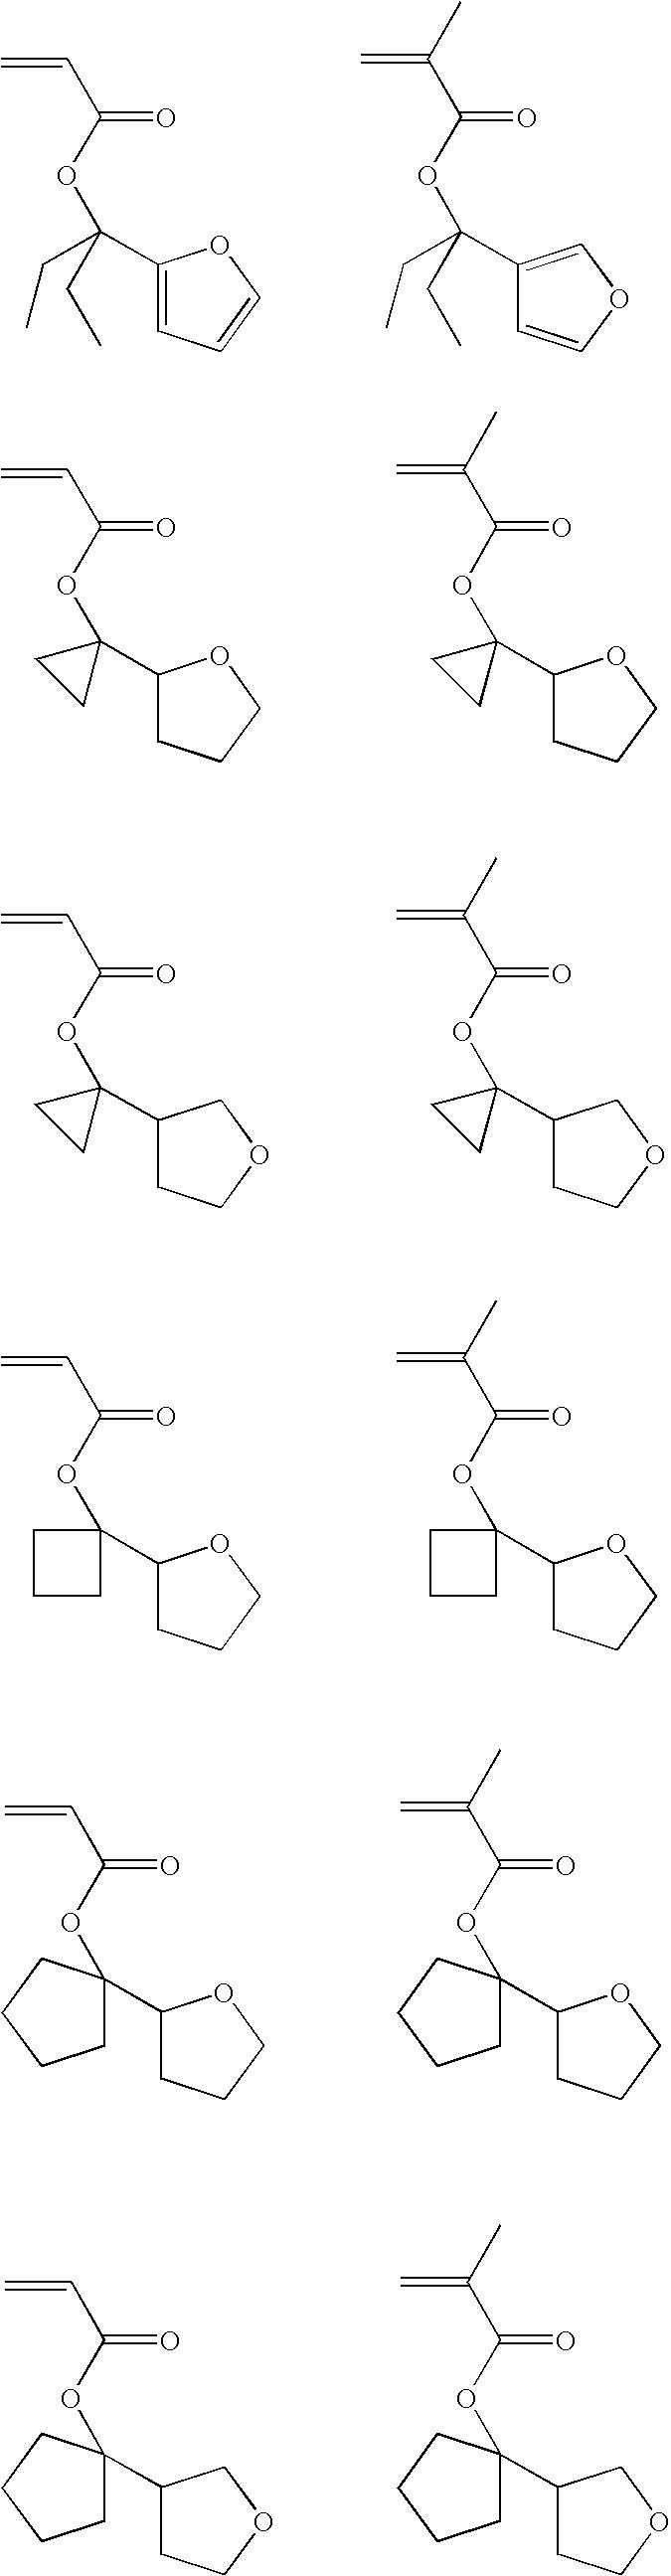 Figure US07368218-20080506-C00025